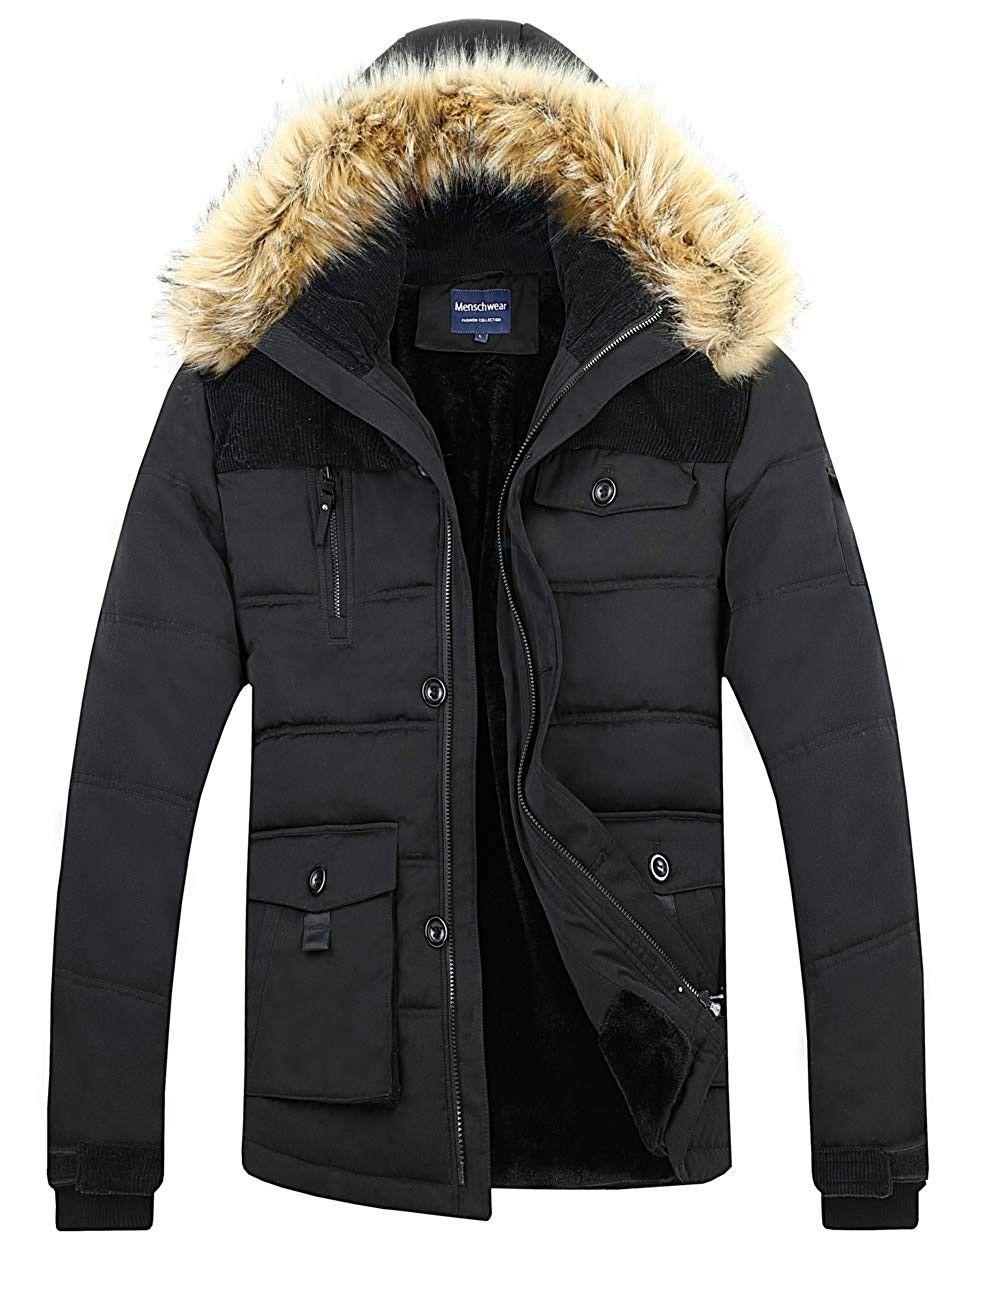 Men's Down Jacket Fleece Lined Winter Line Parka Black